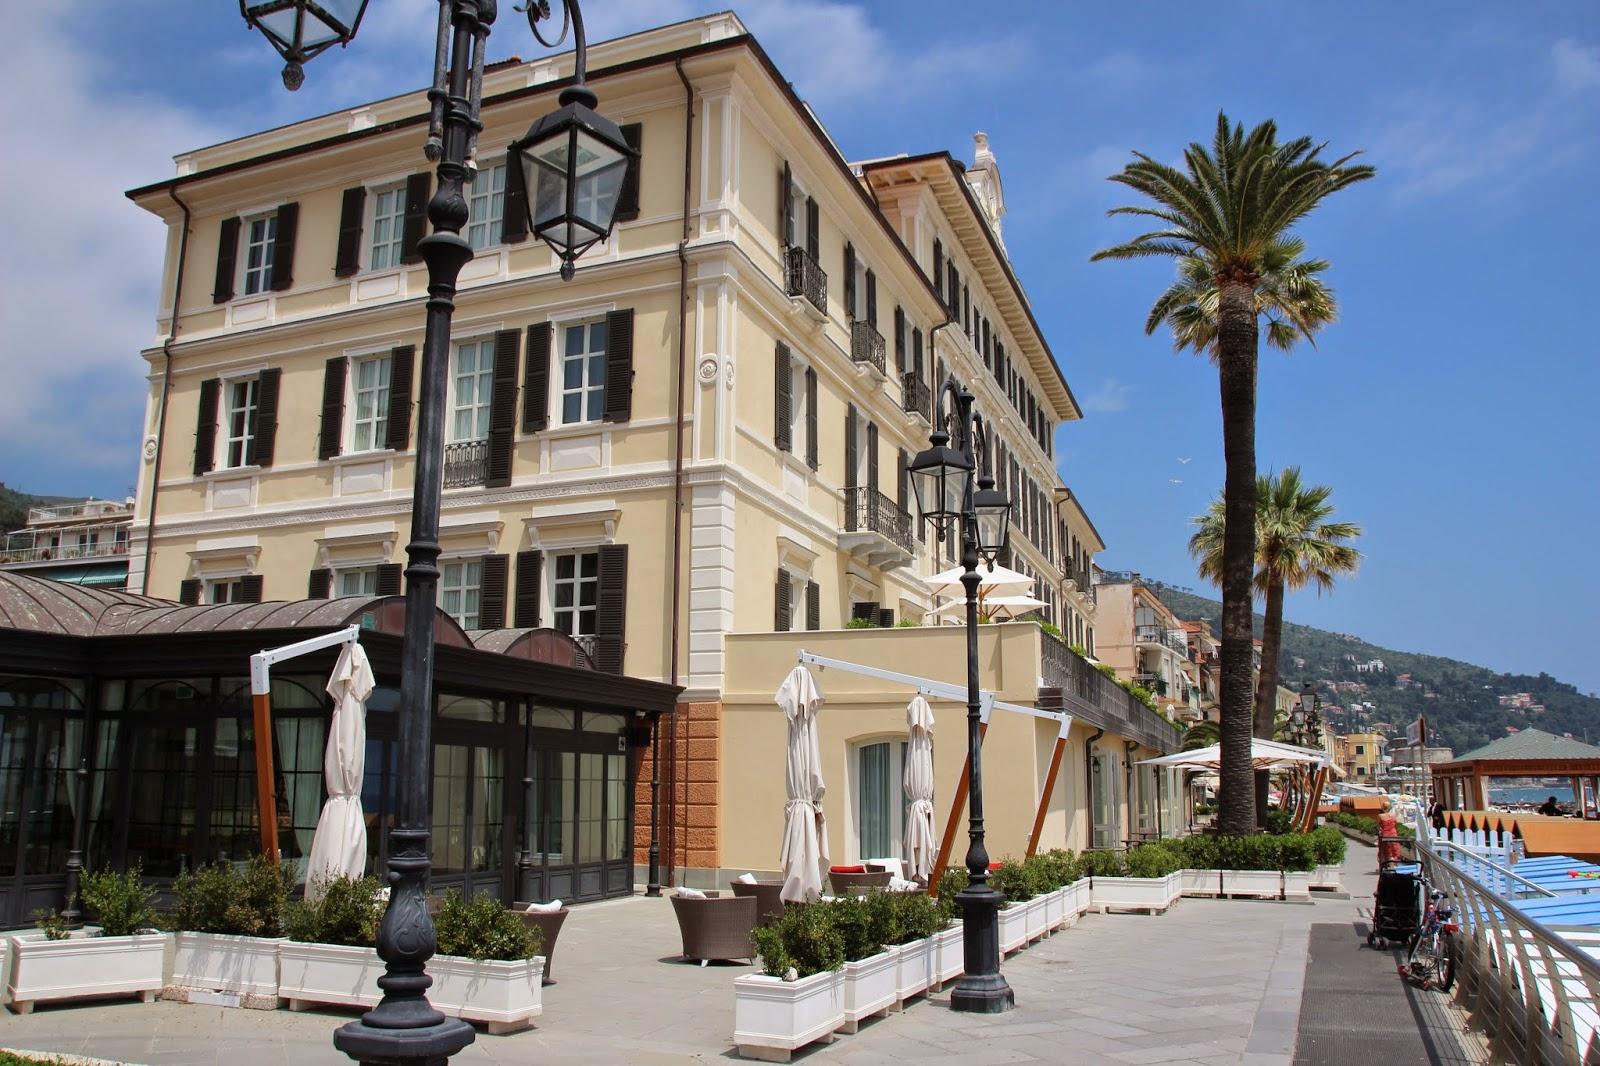 Alassio hotels: www.alassio.nl (Bekijk het grootste aanbod hotels in Alassio)